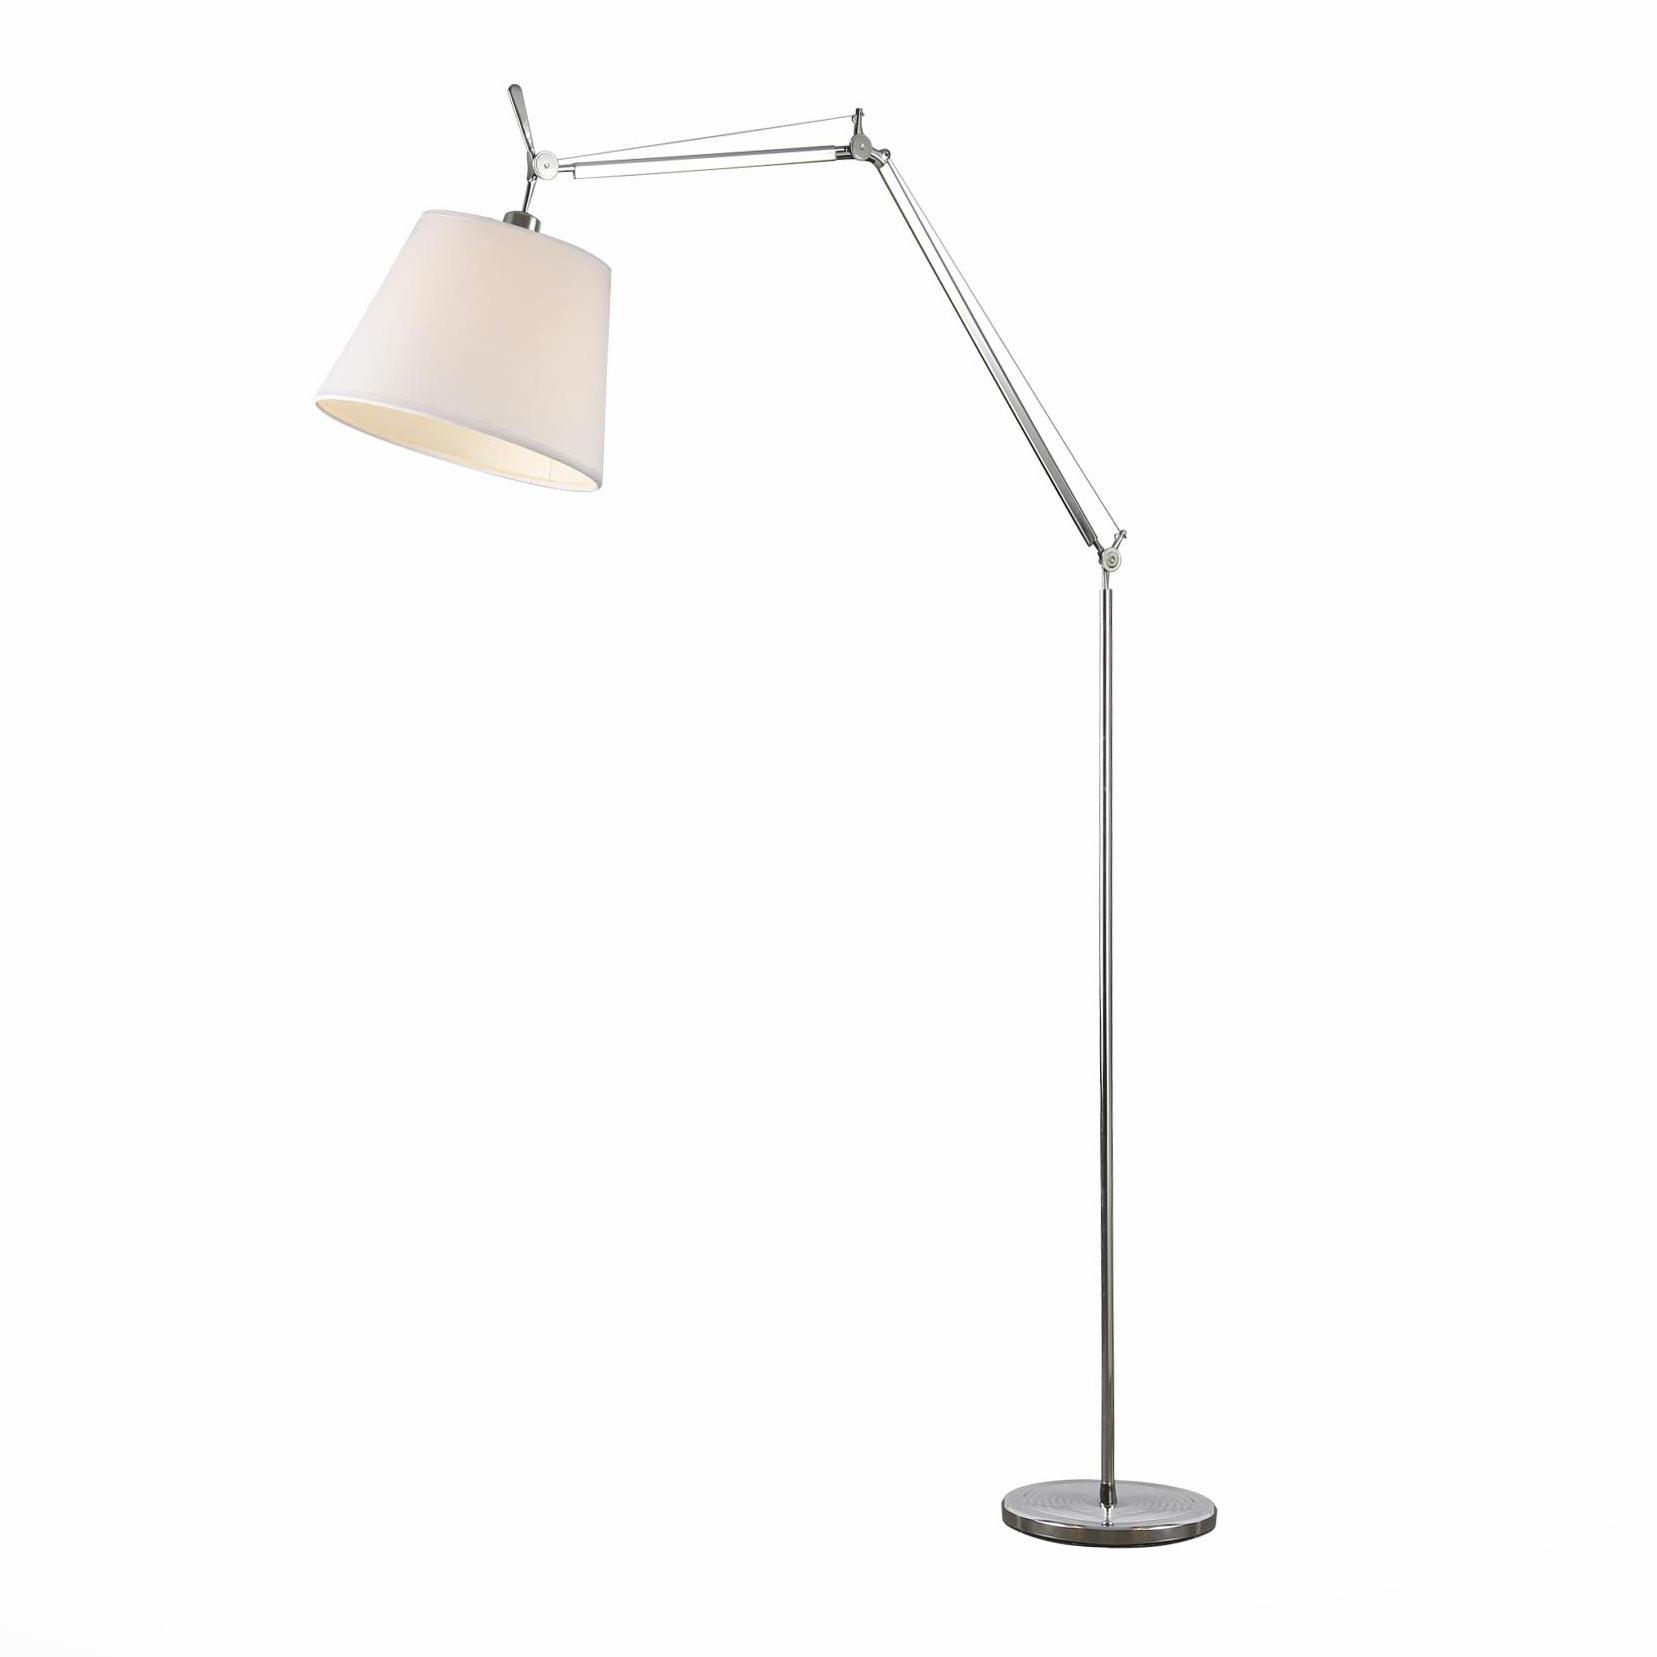 Купить настольную лампу в Екатеринбурге - Я Покупаю